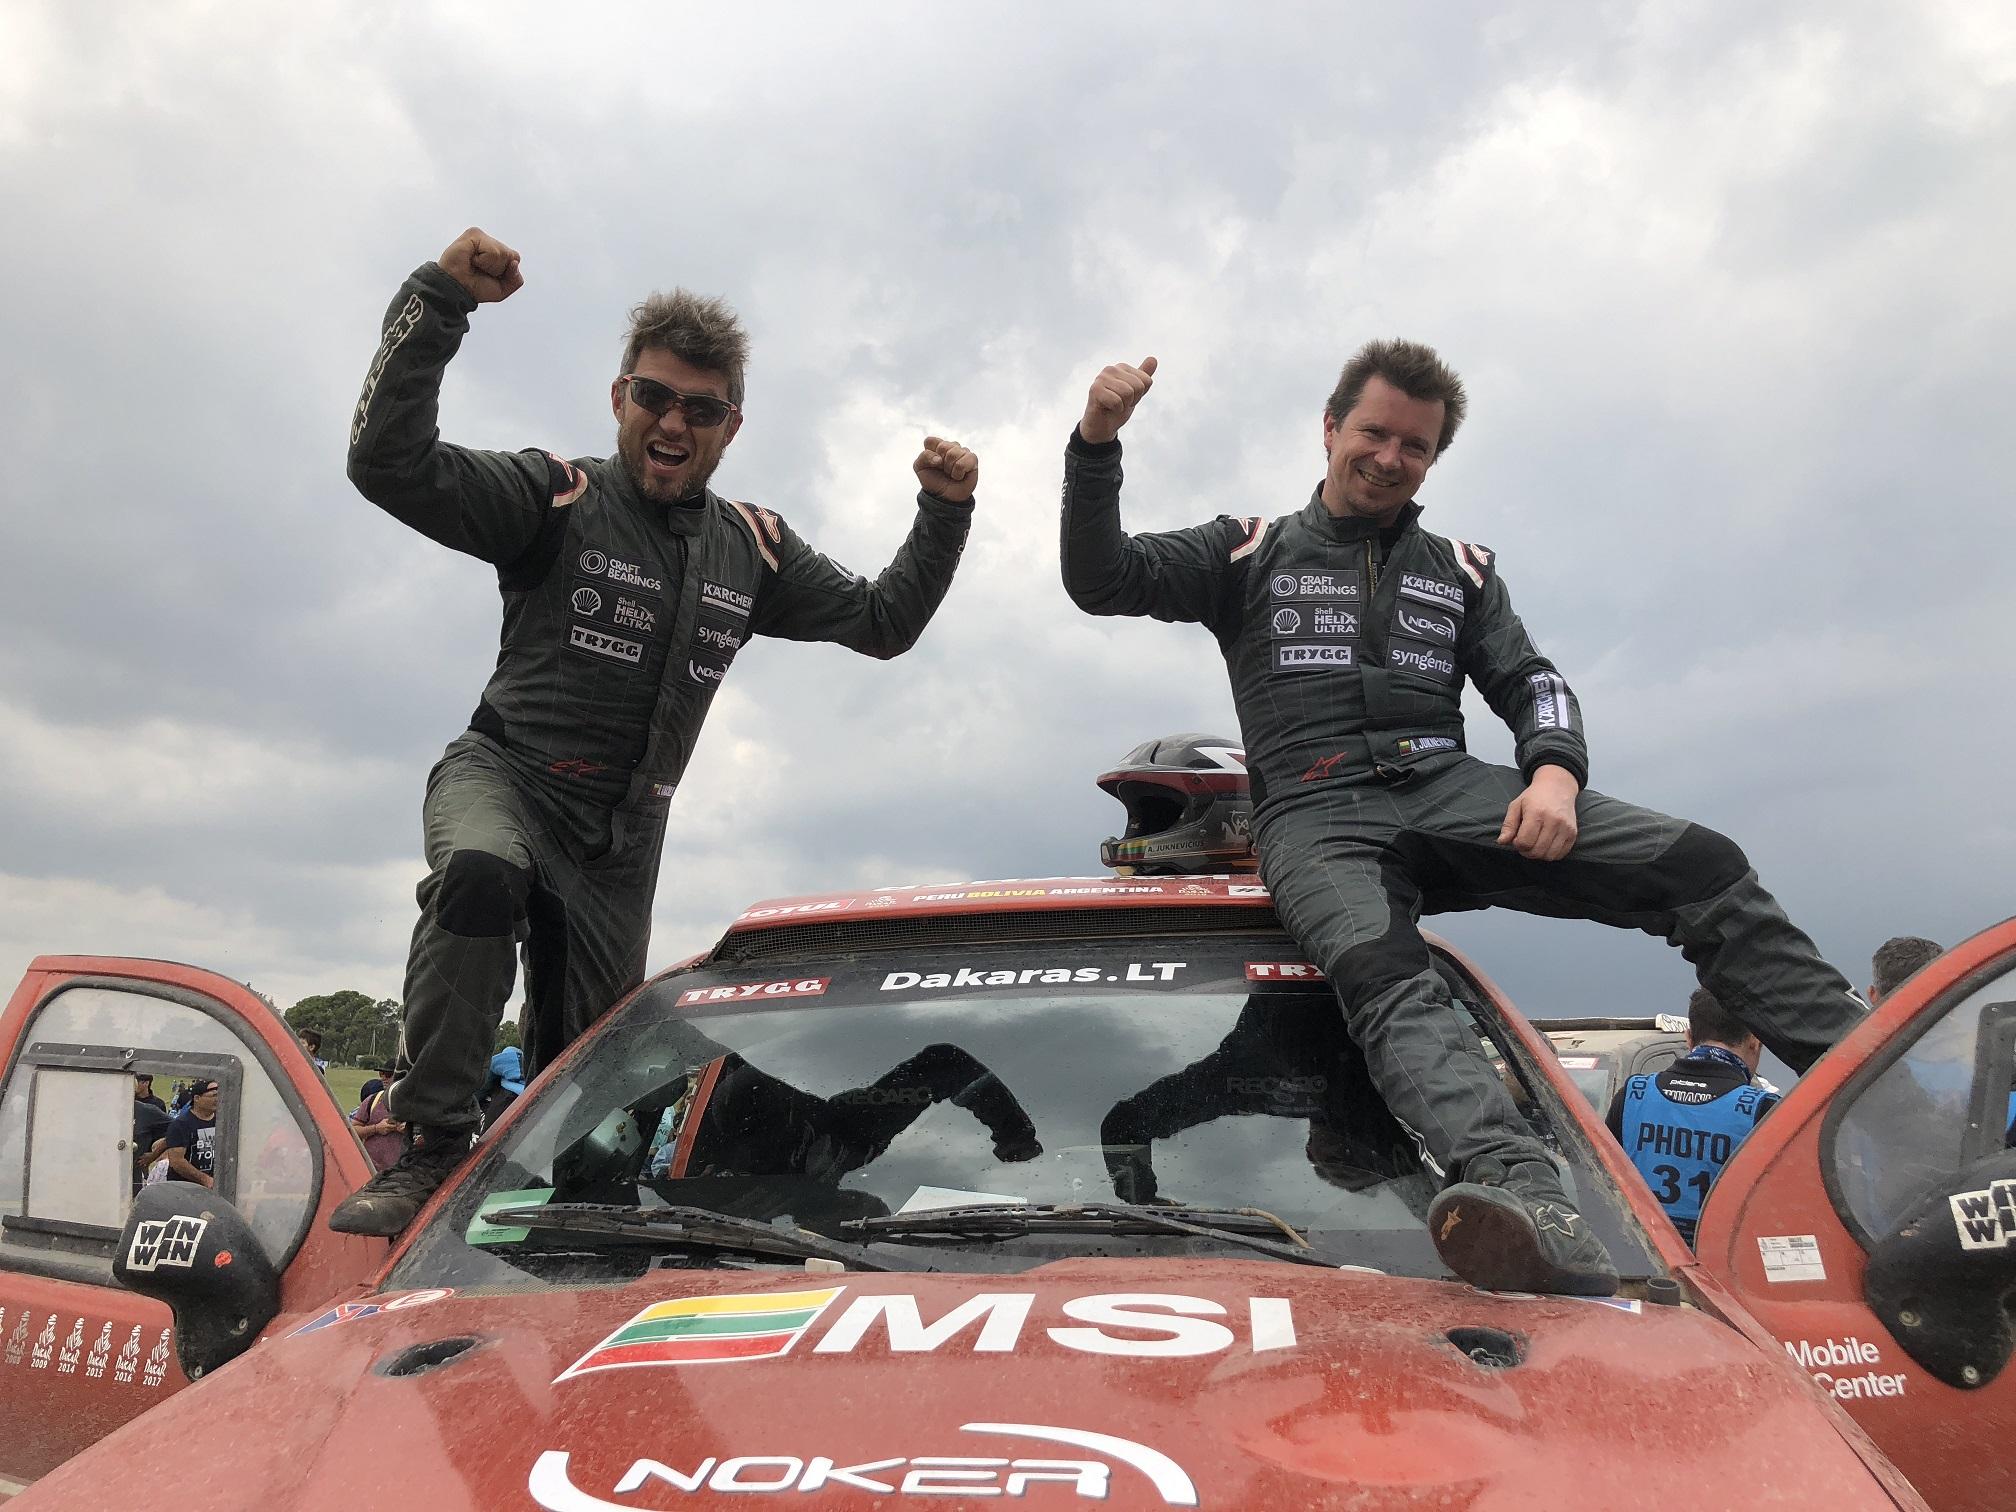 Antanas Juknevičius Lietuvai padovanojo įspūdingą Dakaro rekordą